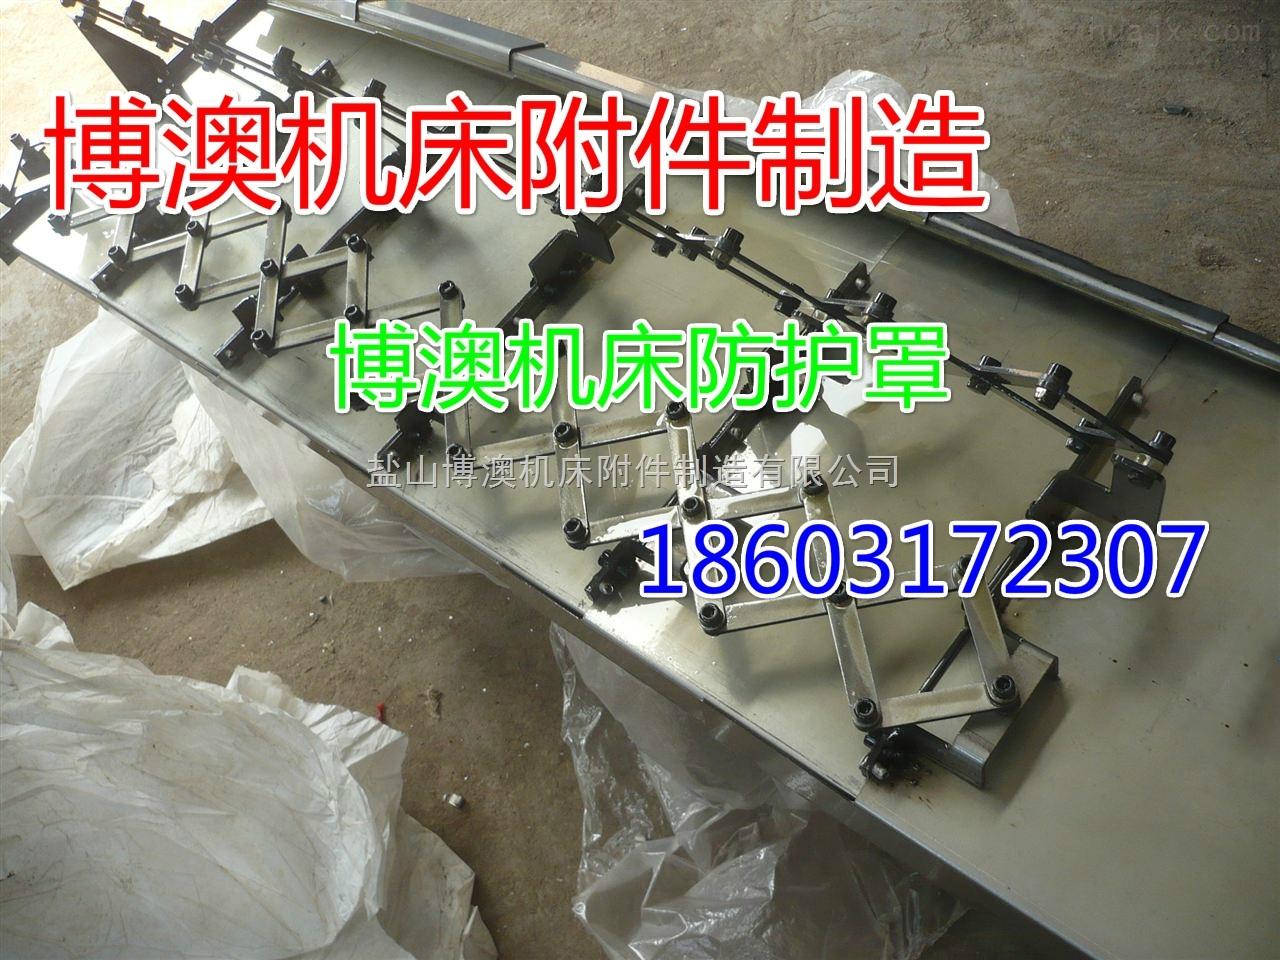 日本大隈MU4000V机床防护罩